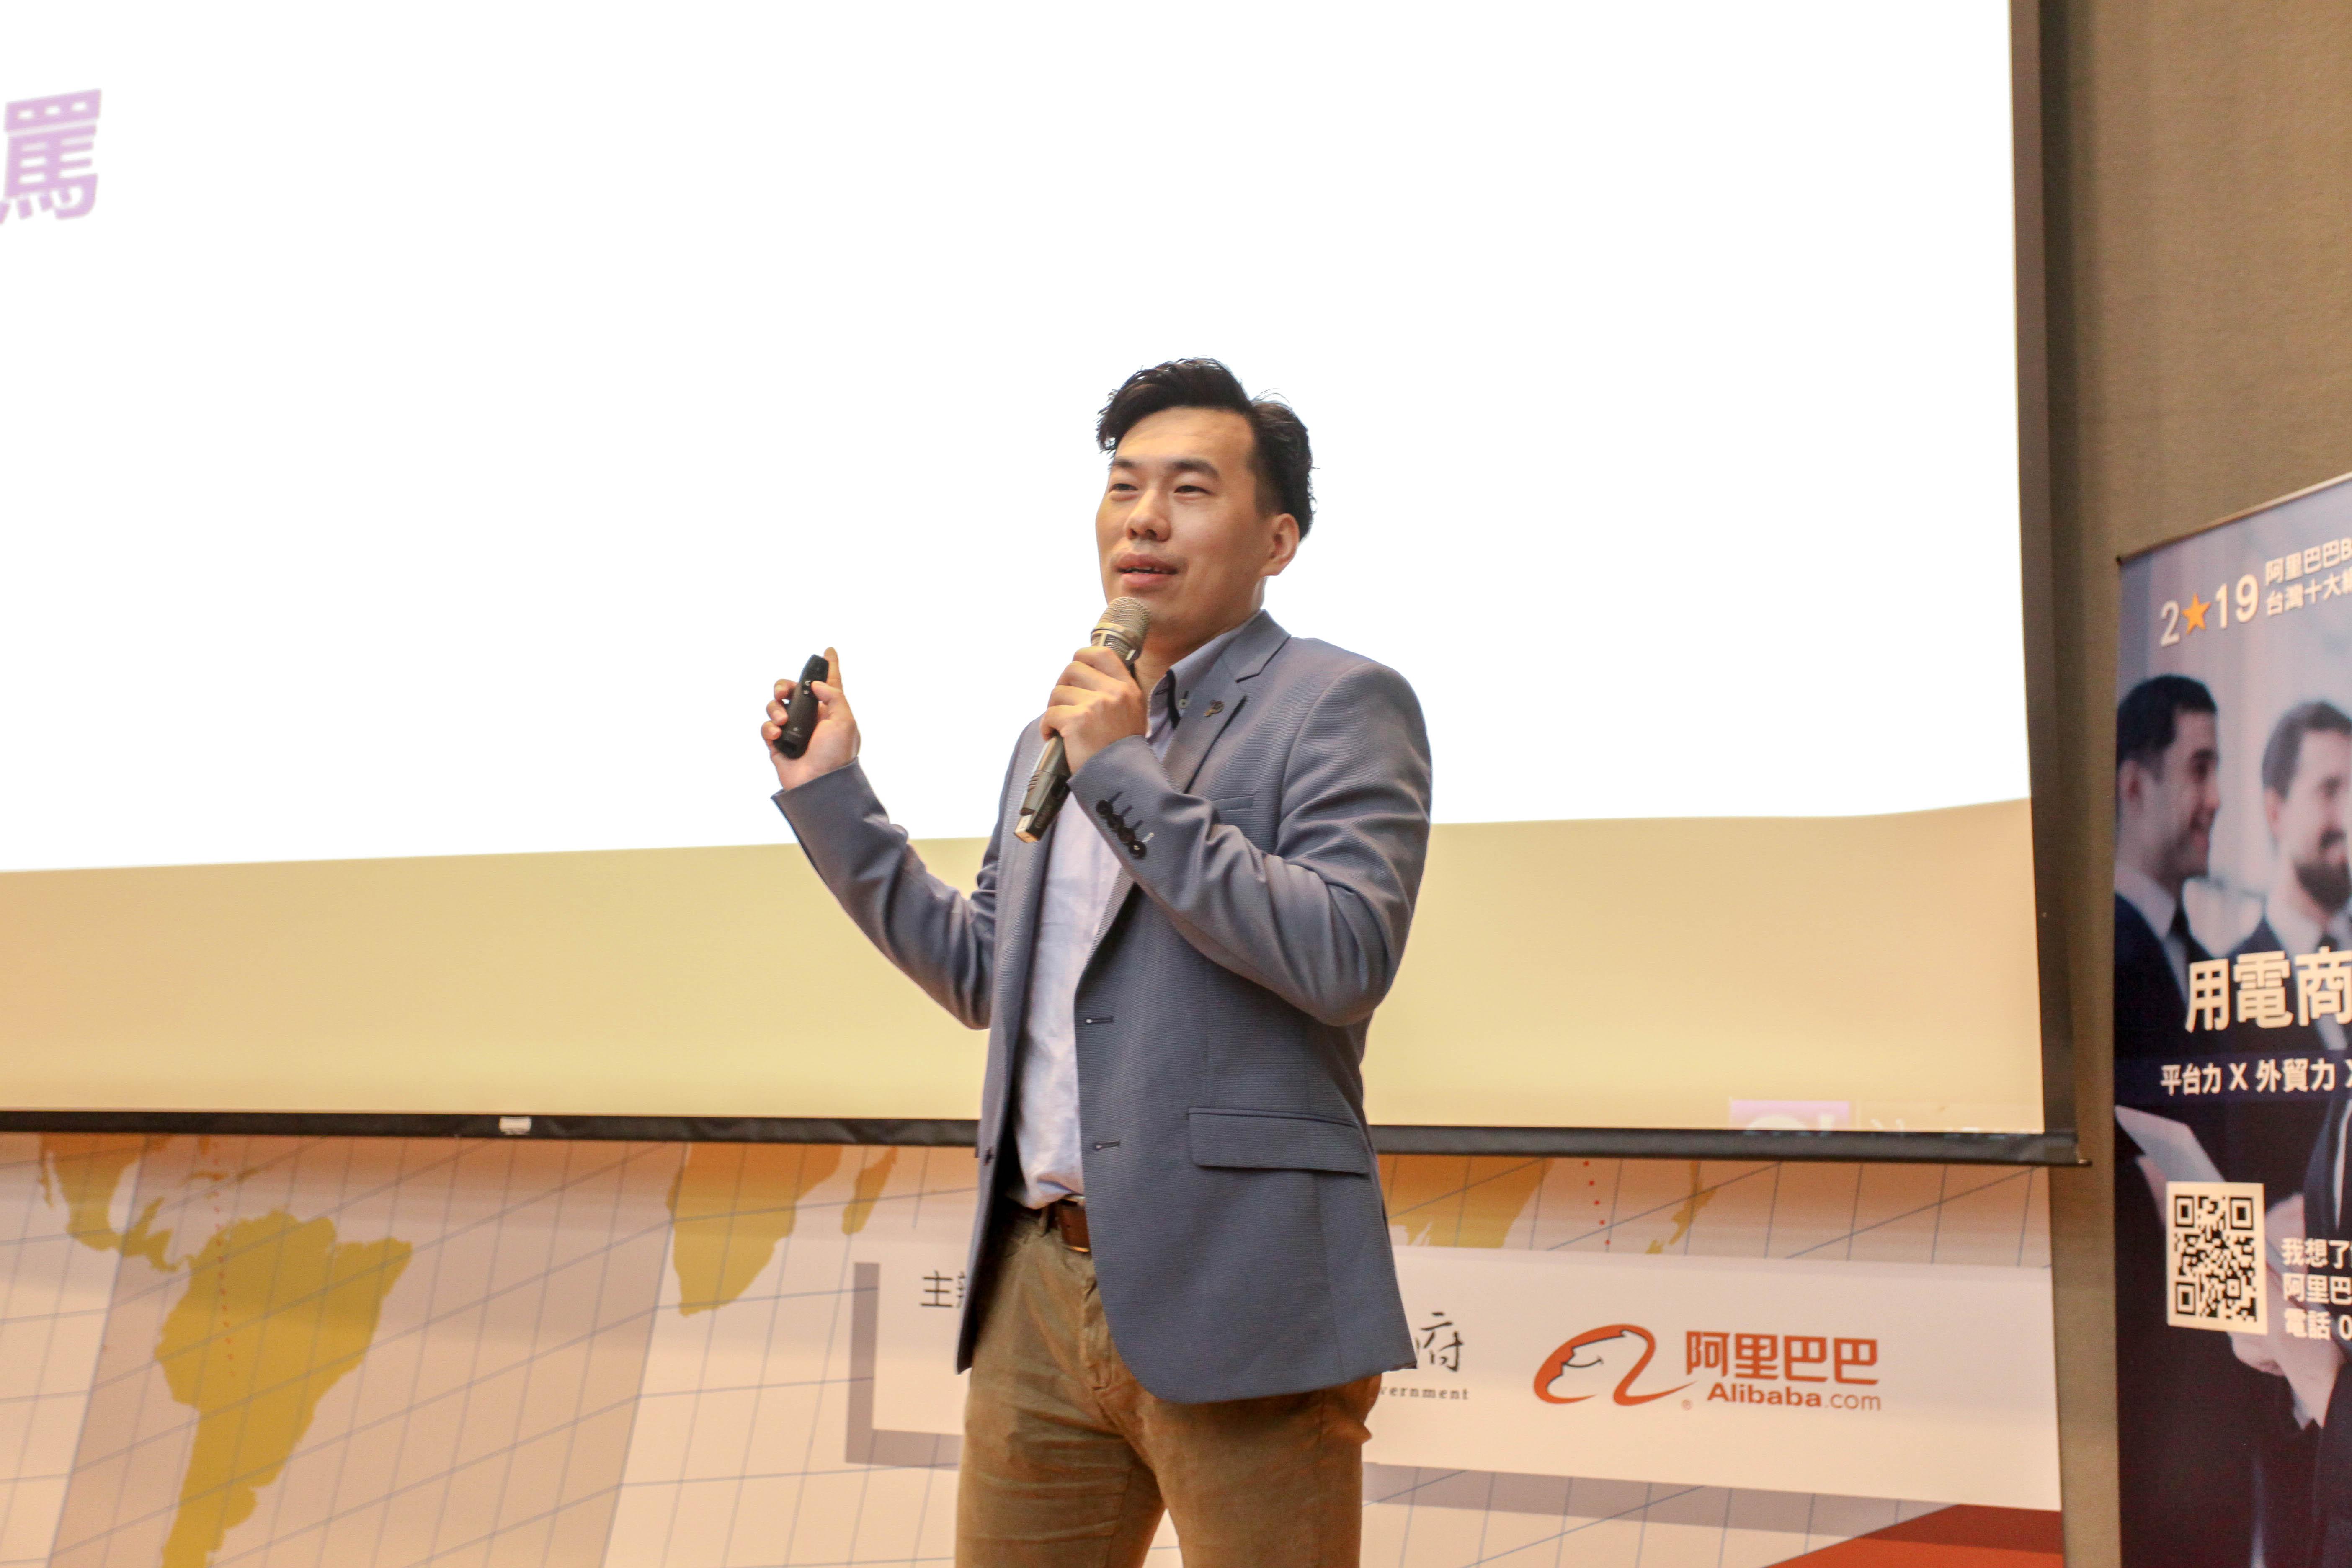 2019阿里巴巴B2B台灣十大網商北區選拔賽自今(5)日起展開,現場匯集眾多優秀電商企業同場較勁